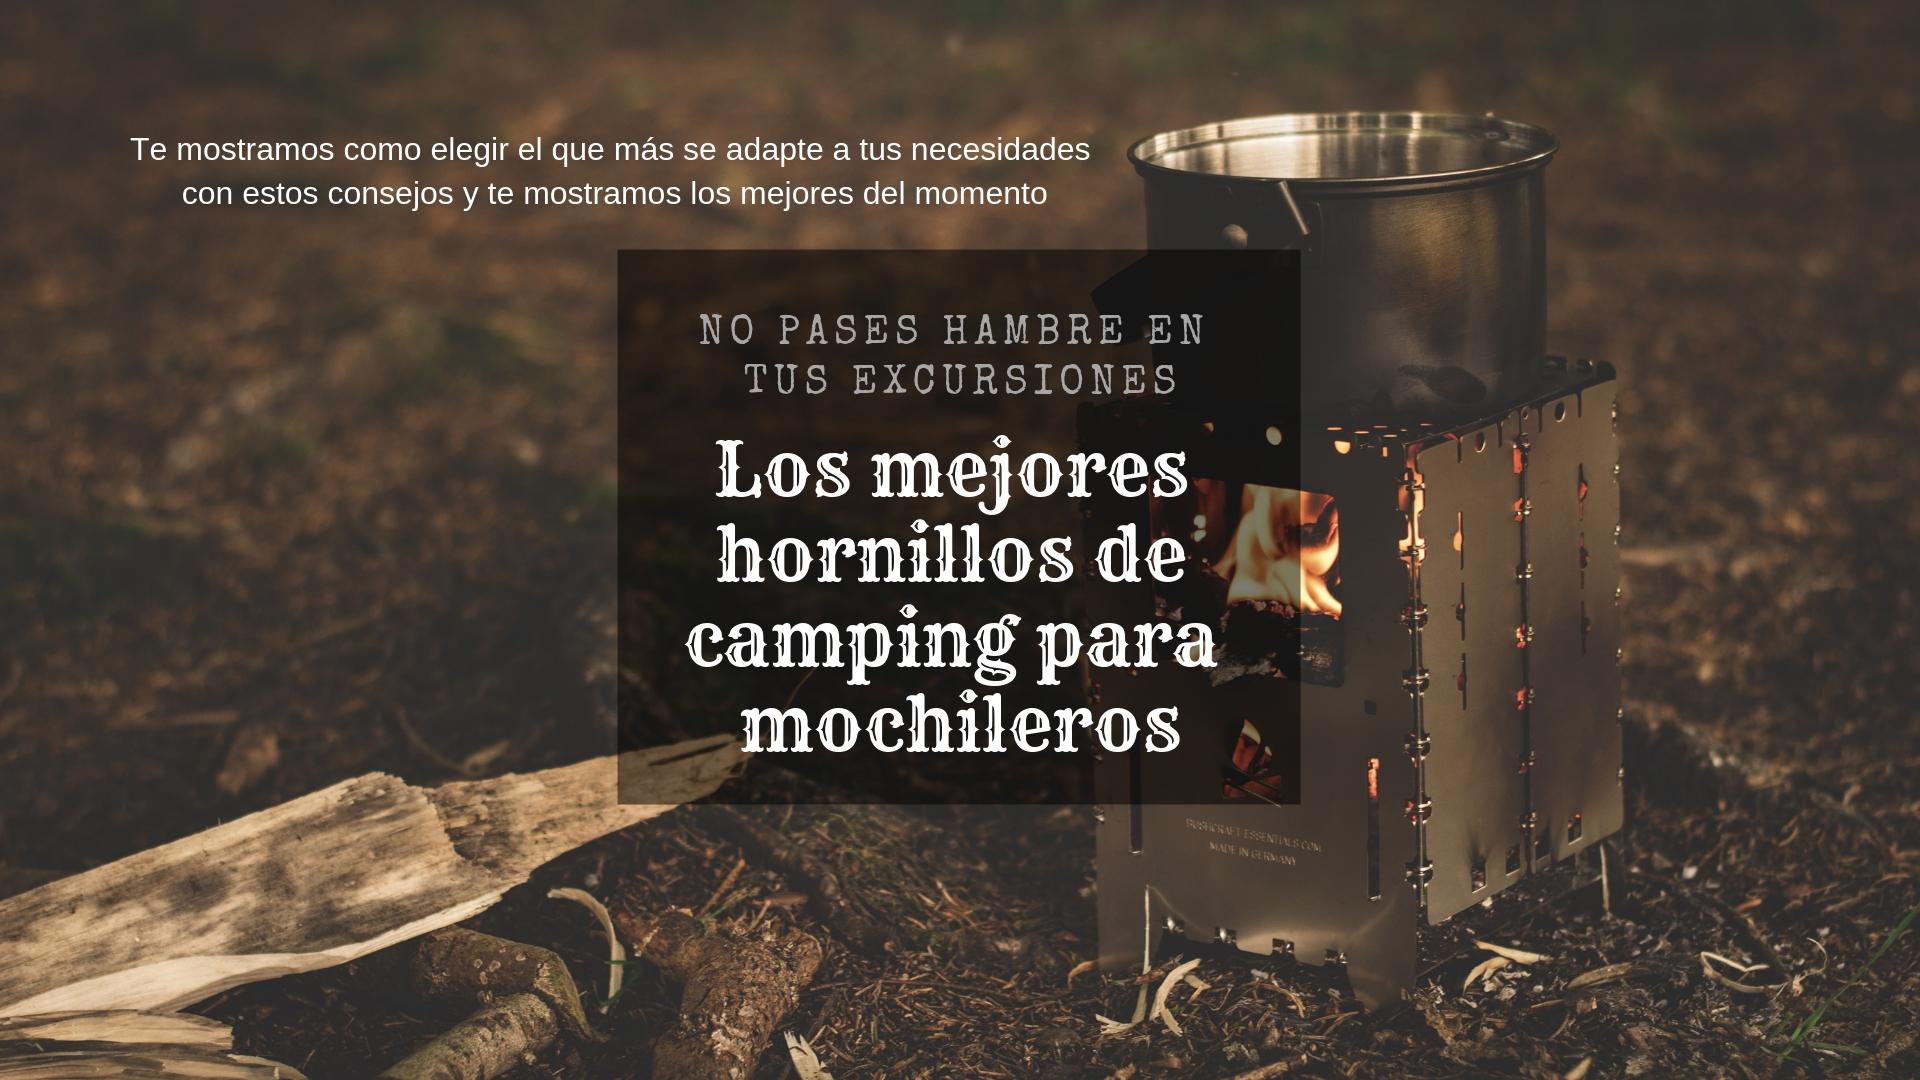 Mejores hornillos portátiles para camping (Mochileros)